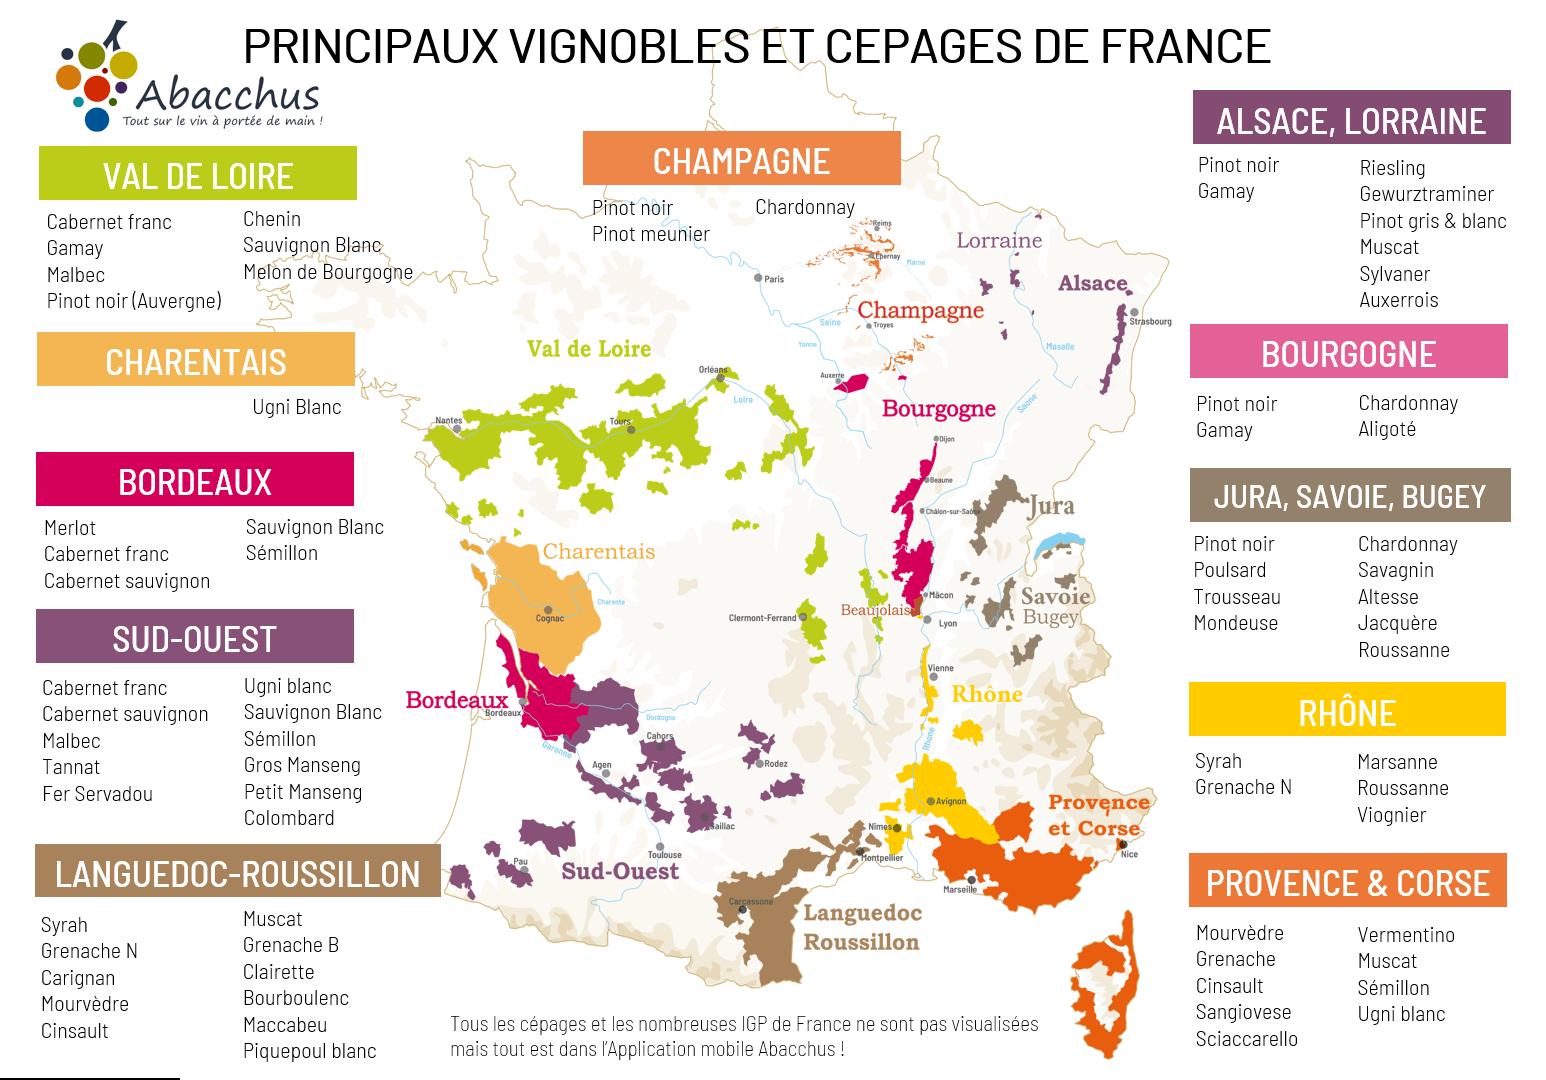 Carte de France des principayx vignobles et cépages